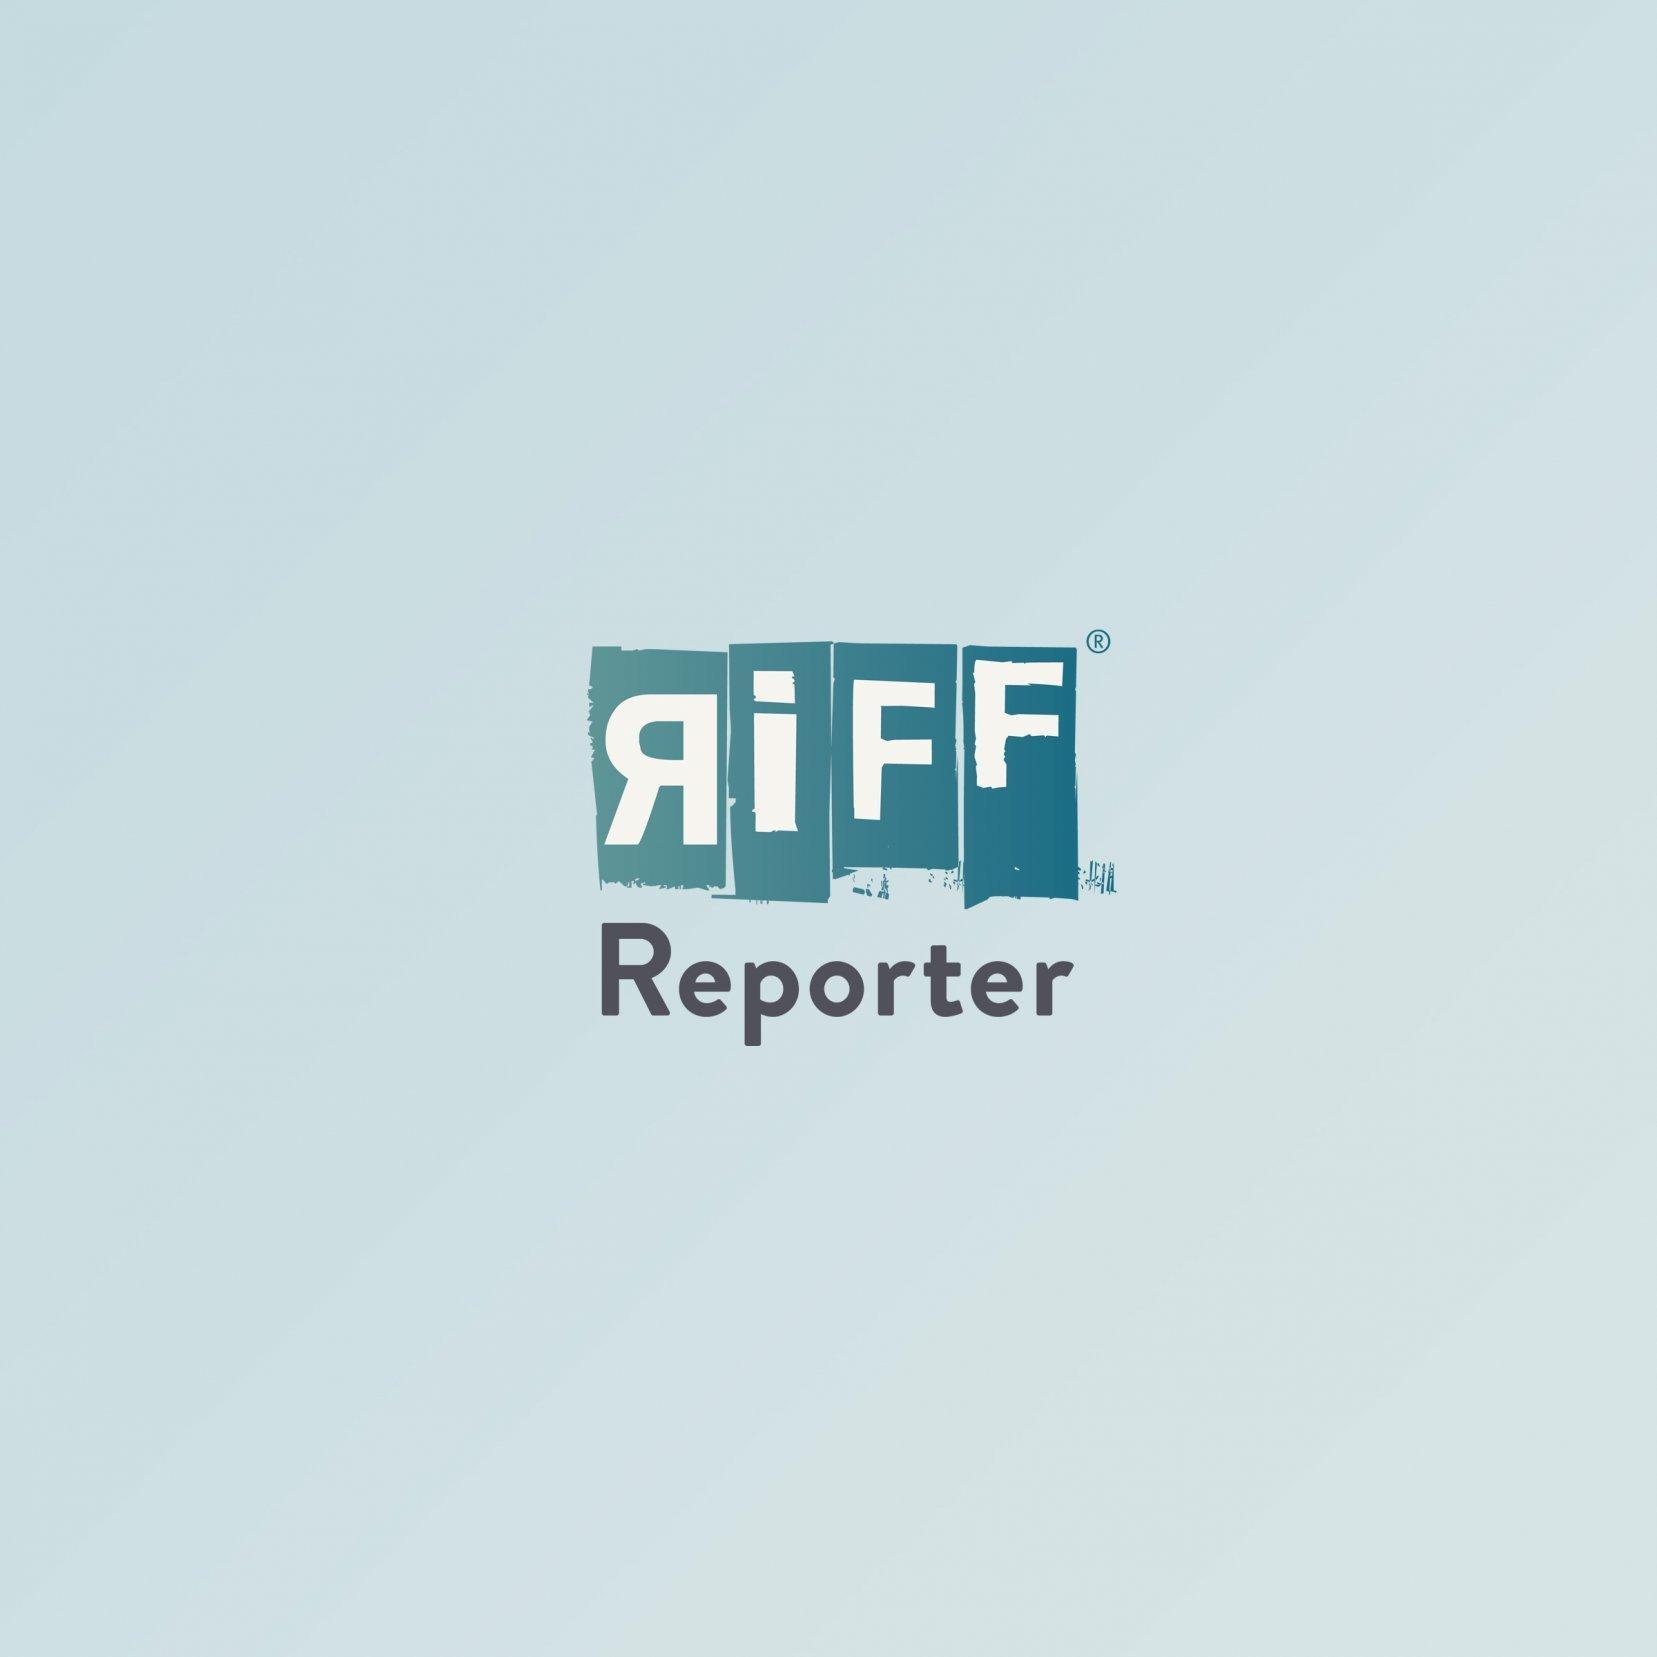 Das Ei der Zippammer ist am stumpfen Ende mit einem Muster feiner und dunkler Striche überzogen. Diese entstehen kurz vor dem Legen am Ende des Eileiters durch Rotation. Dieses Muster ist nicht nur schön, sondern es dient auch der Tarnung.